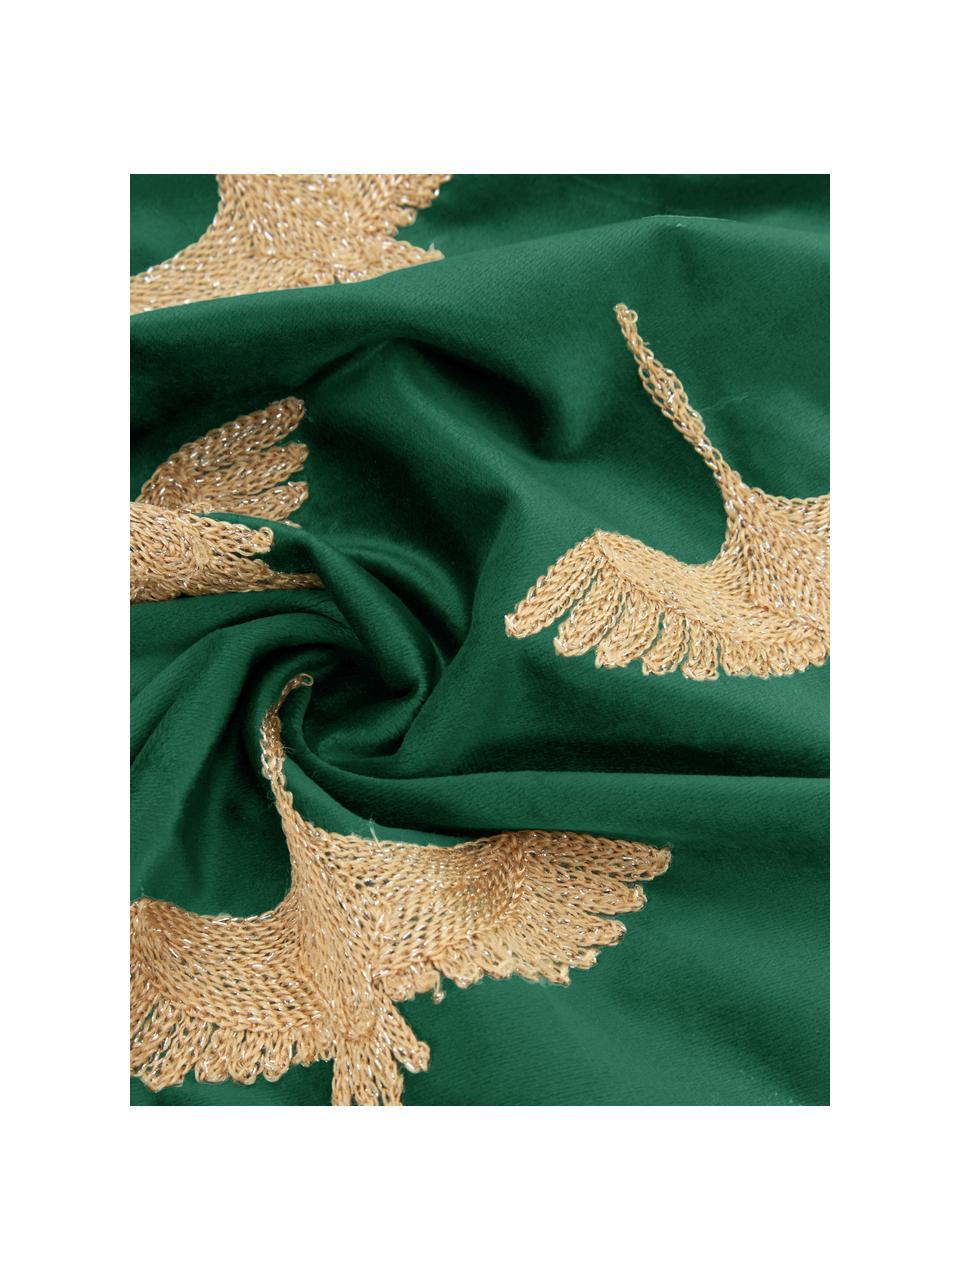 Coussin 45x45 velours turquoise doré Crane, Vert, couleur dorée